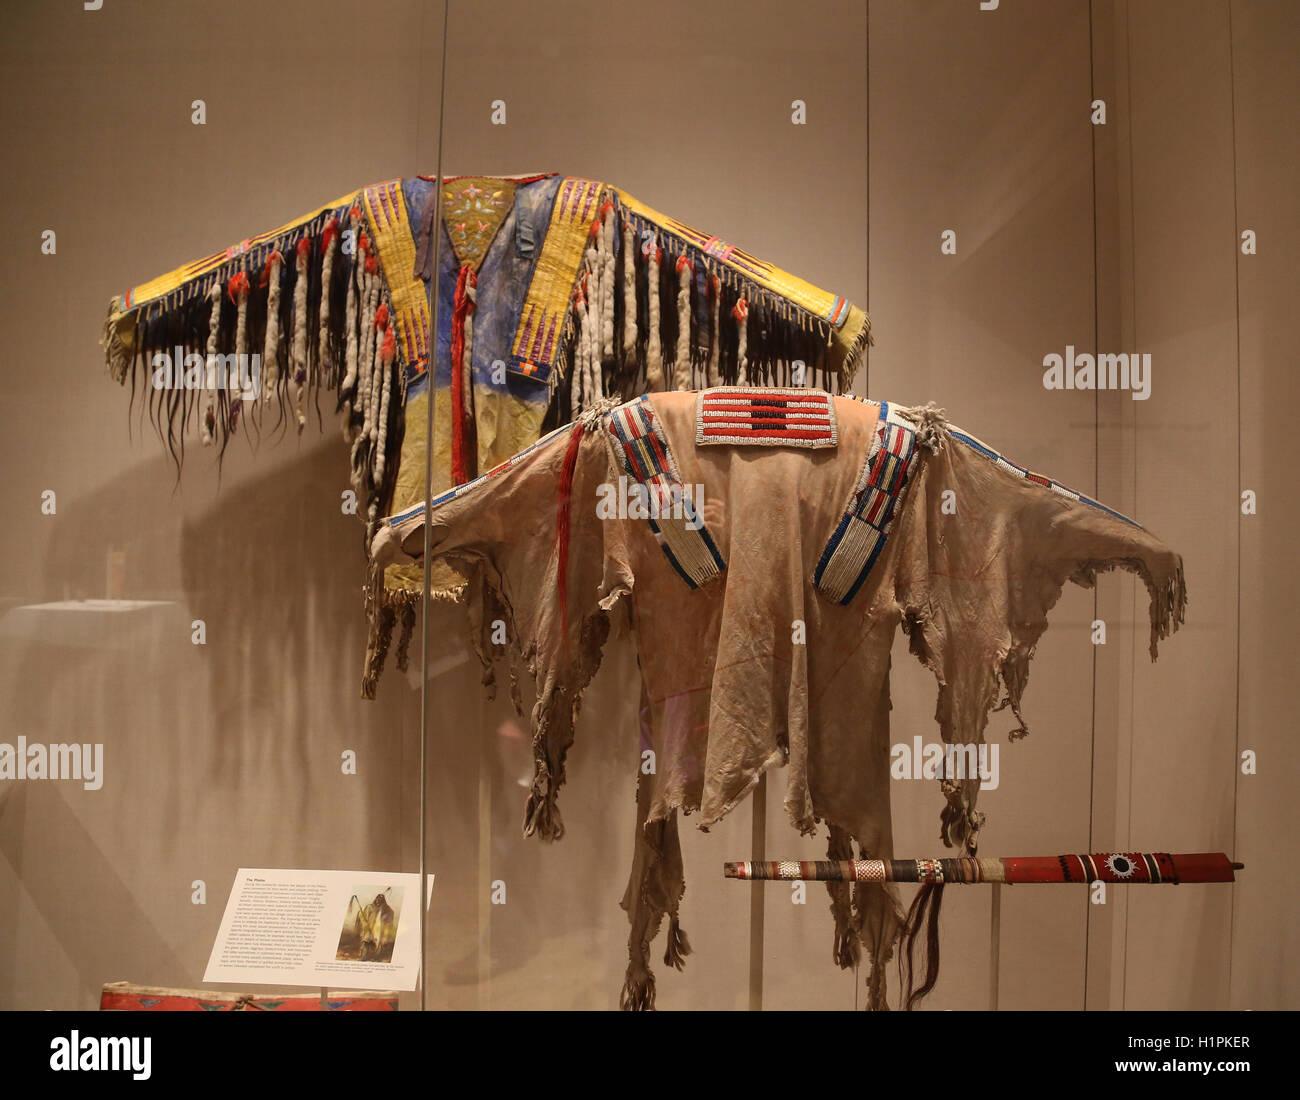 América del Norte. Los pueblos indígenas. Las llanuras. La ropa. Siglo xix. Imagen De Stock